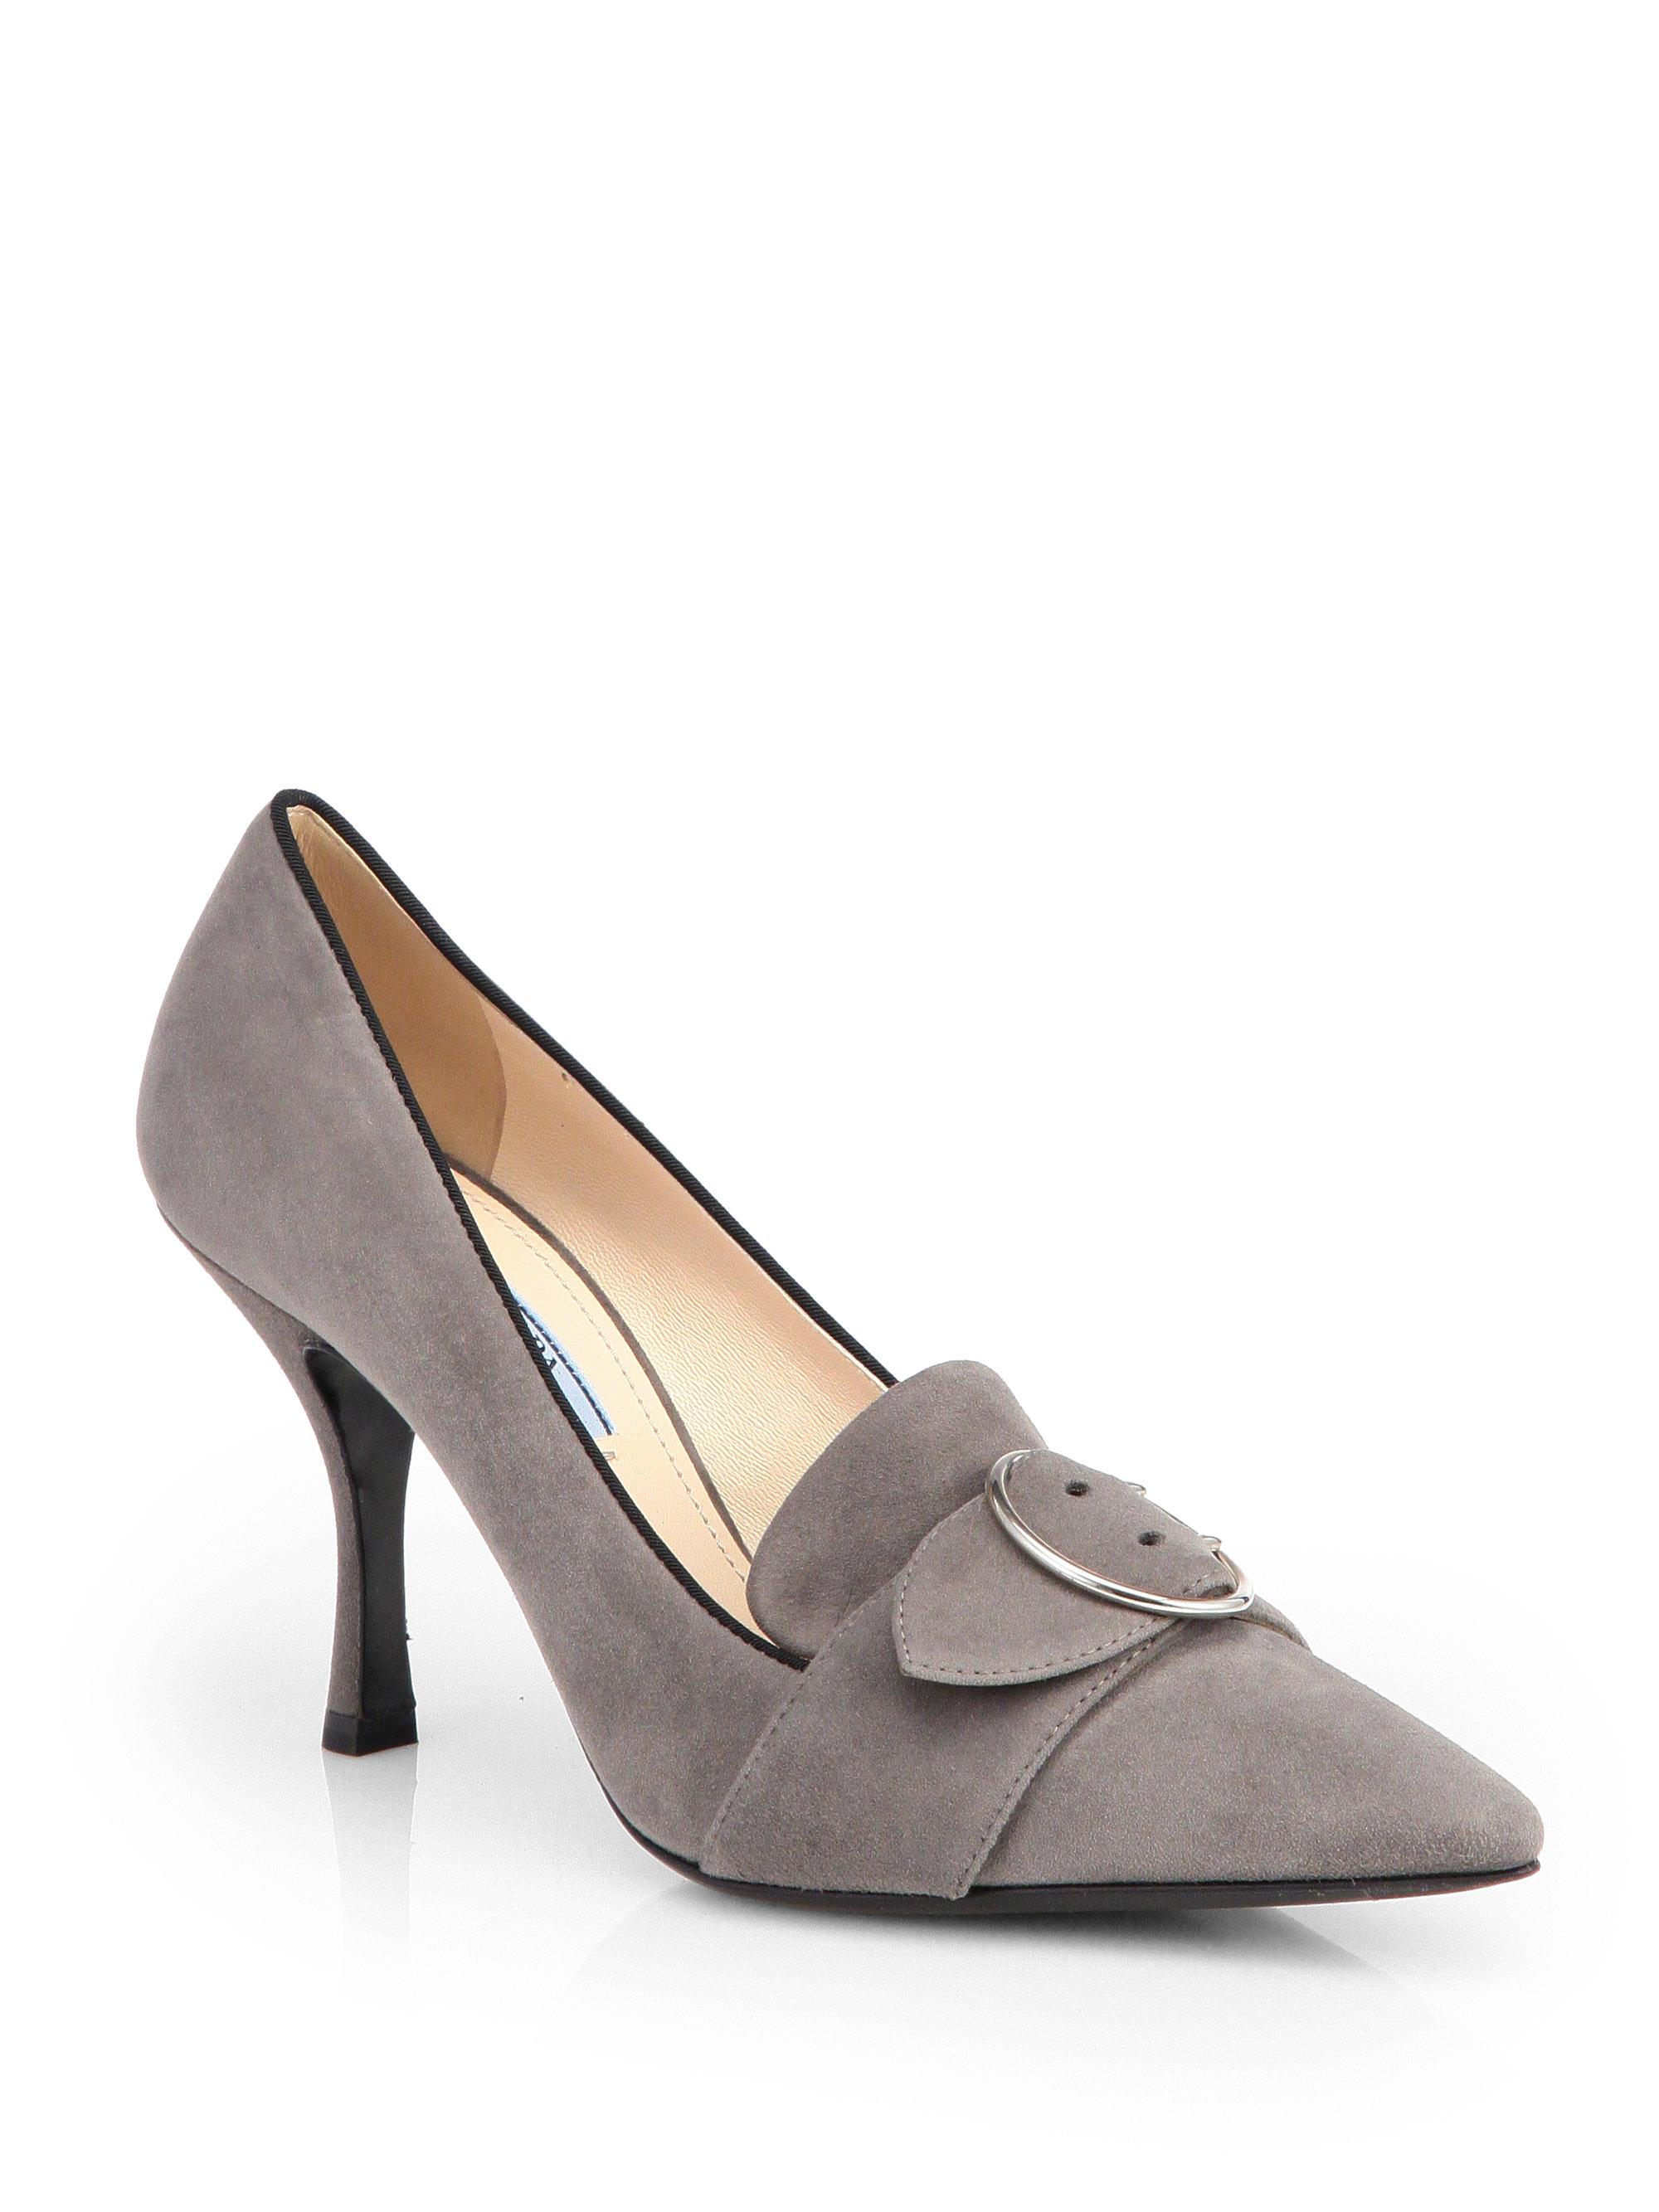 Shoes Gray Women